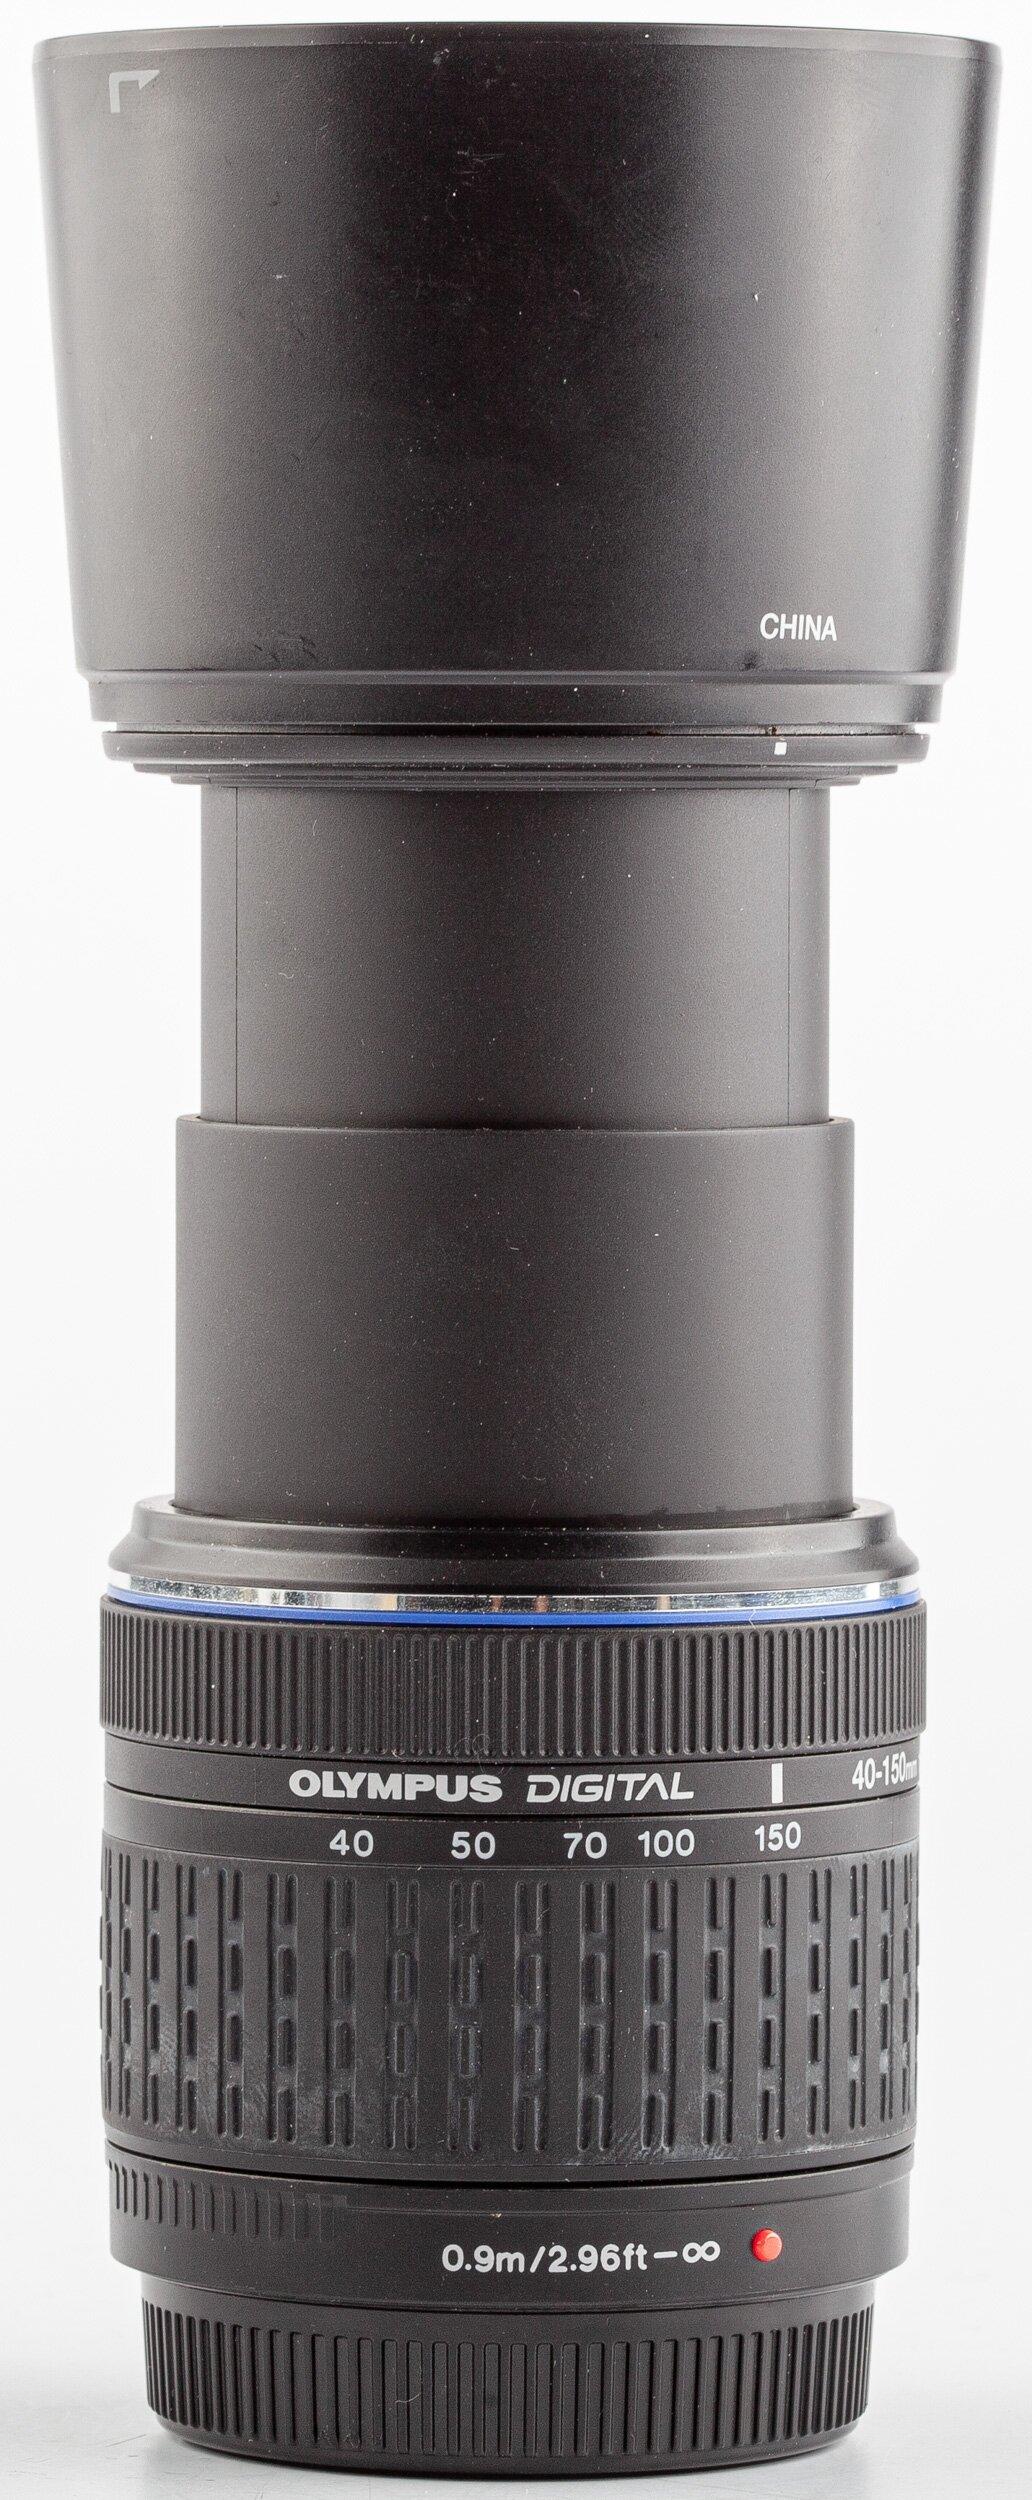 Olympus 40-150mm F4.0-5.6 ED